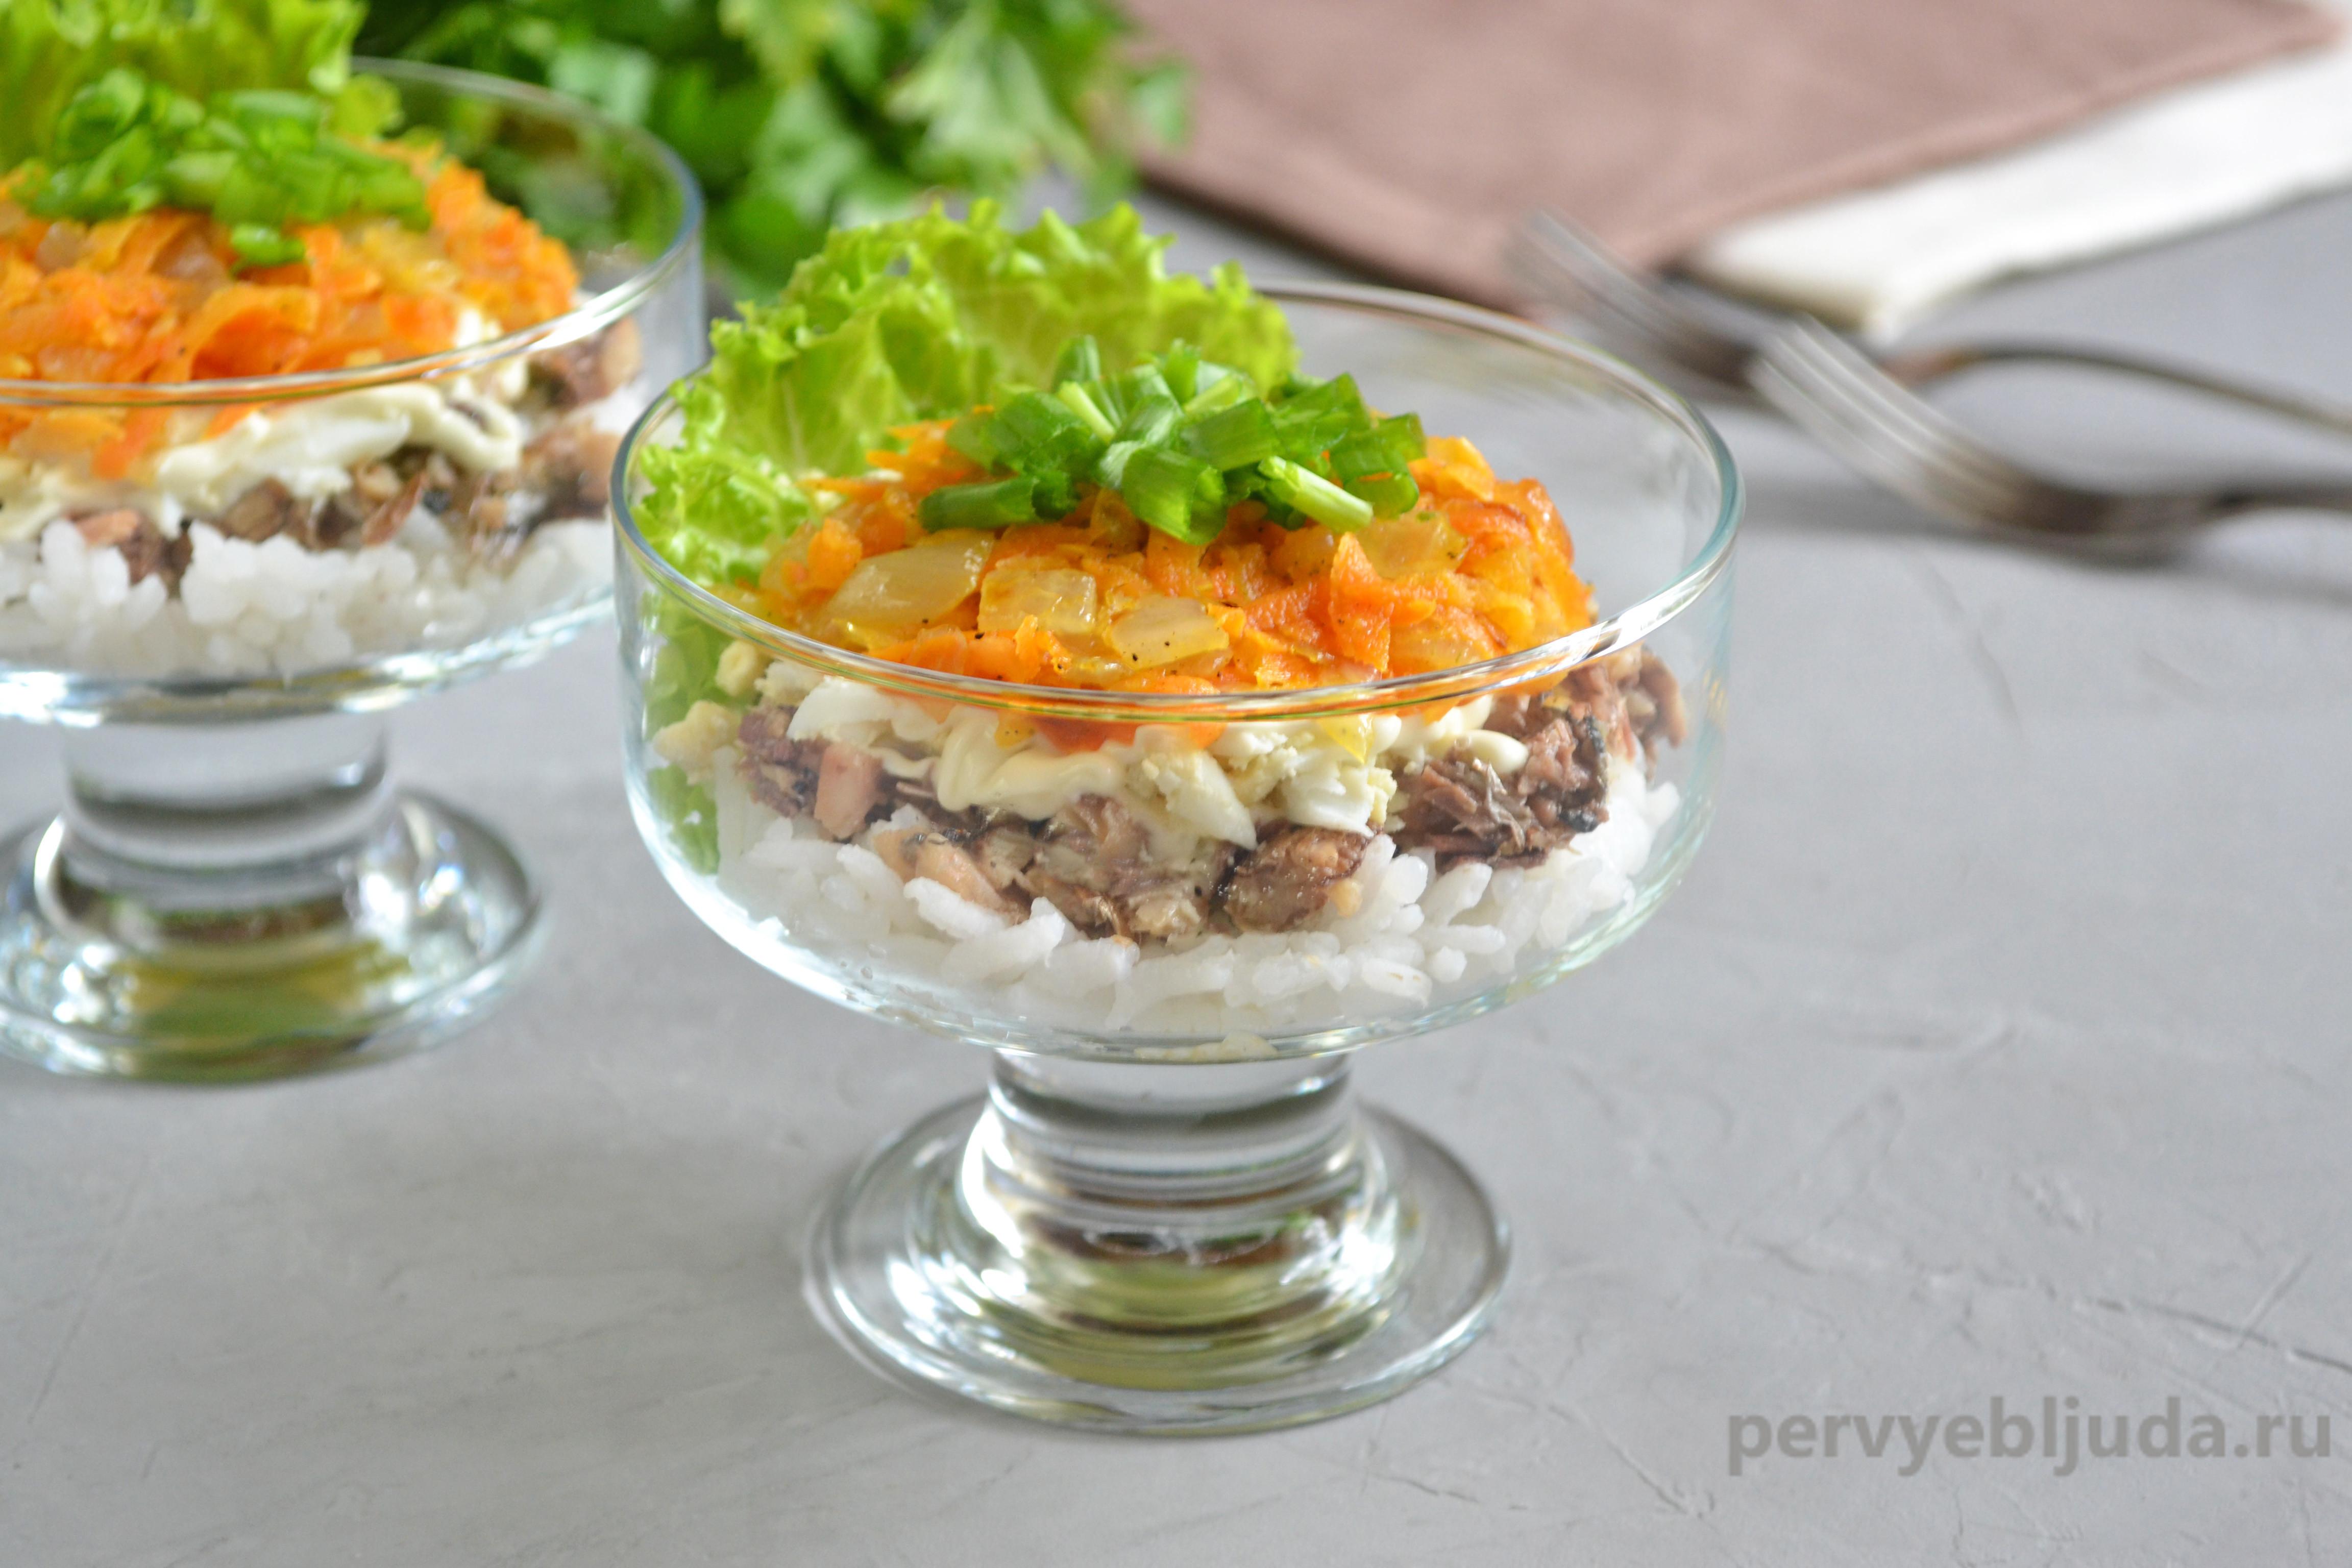 салаты в креманках рецепты с фото пошагово выглядит